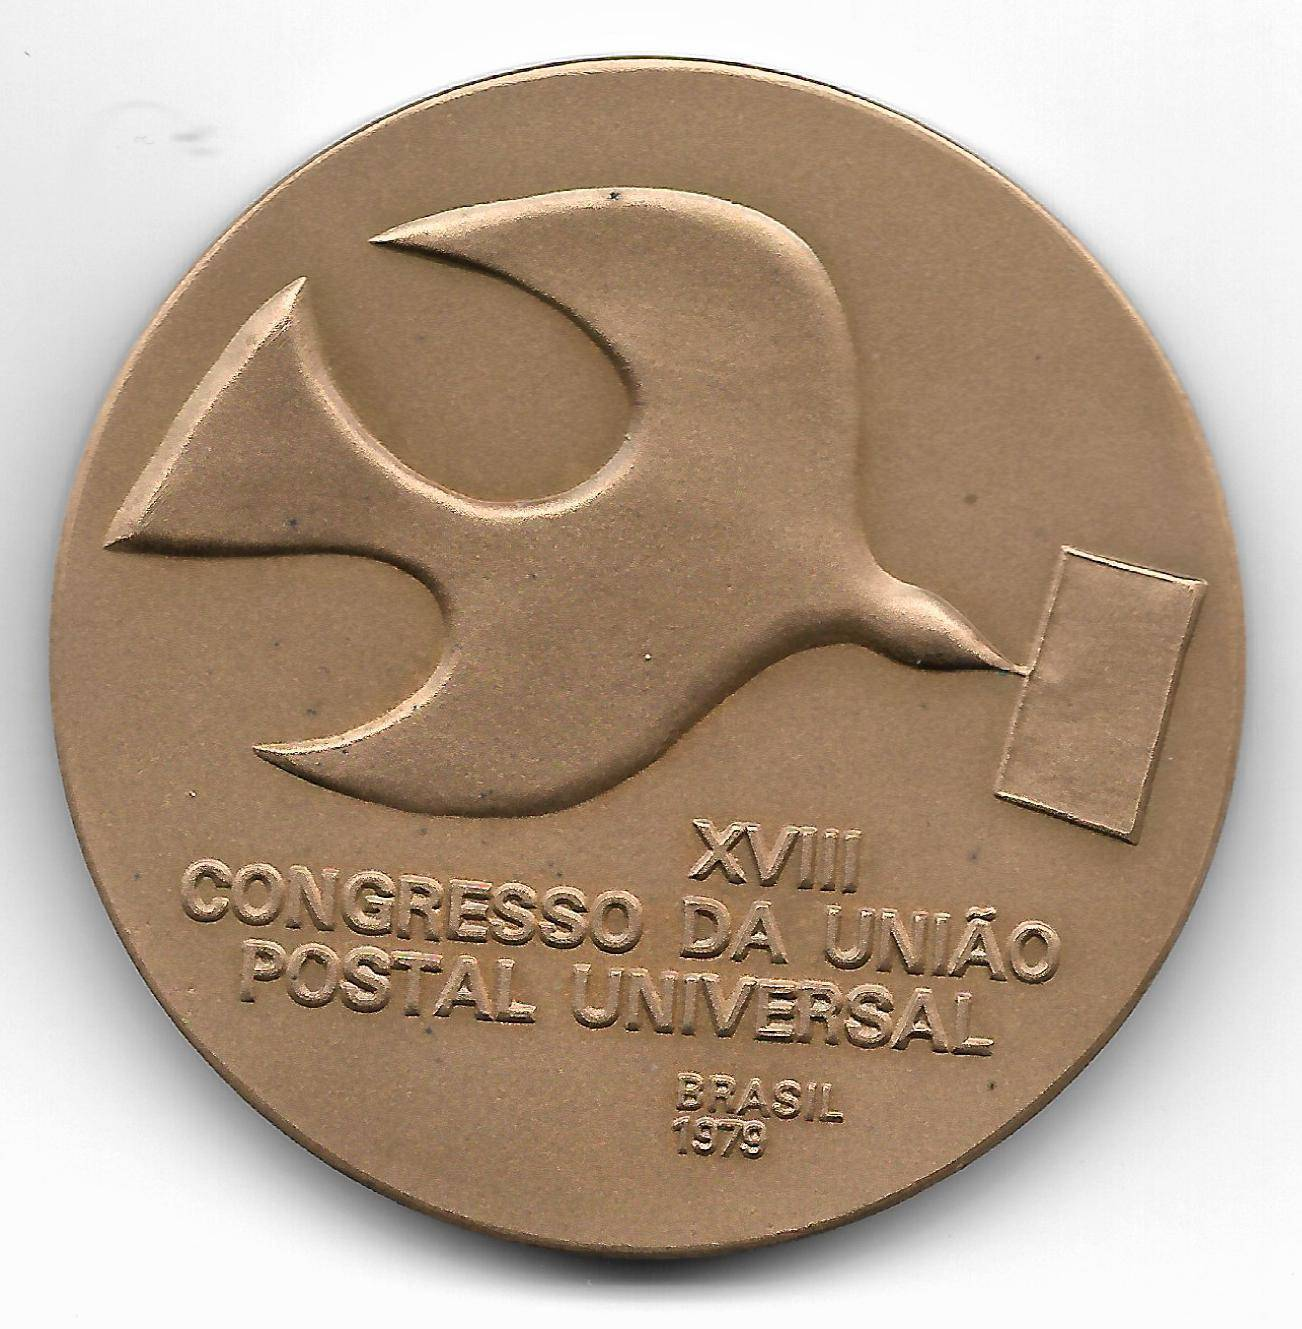 Medalha de Bronze - XVIII Congresso da União Postal Universal. - Numismática Vieira